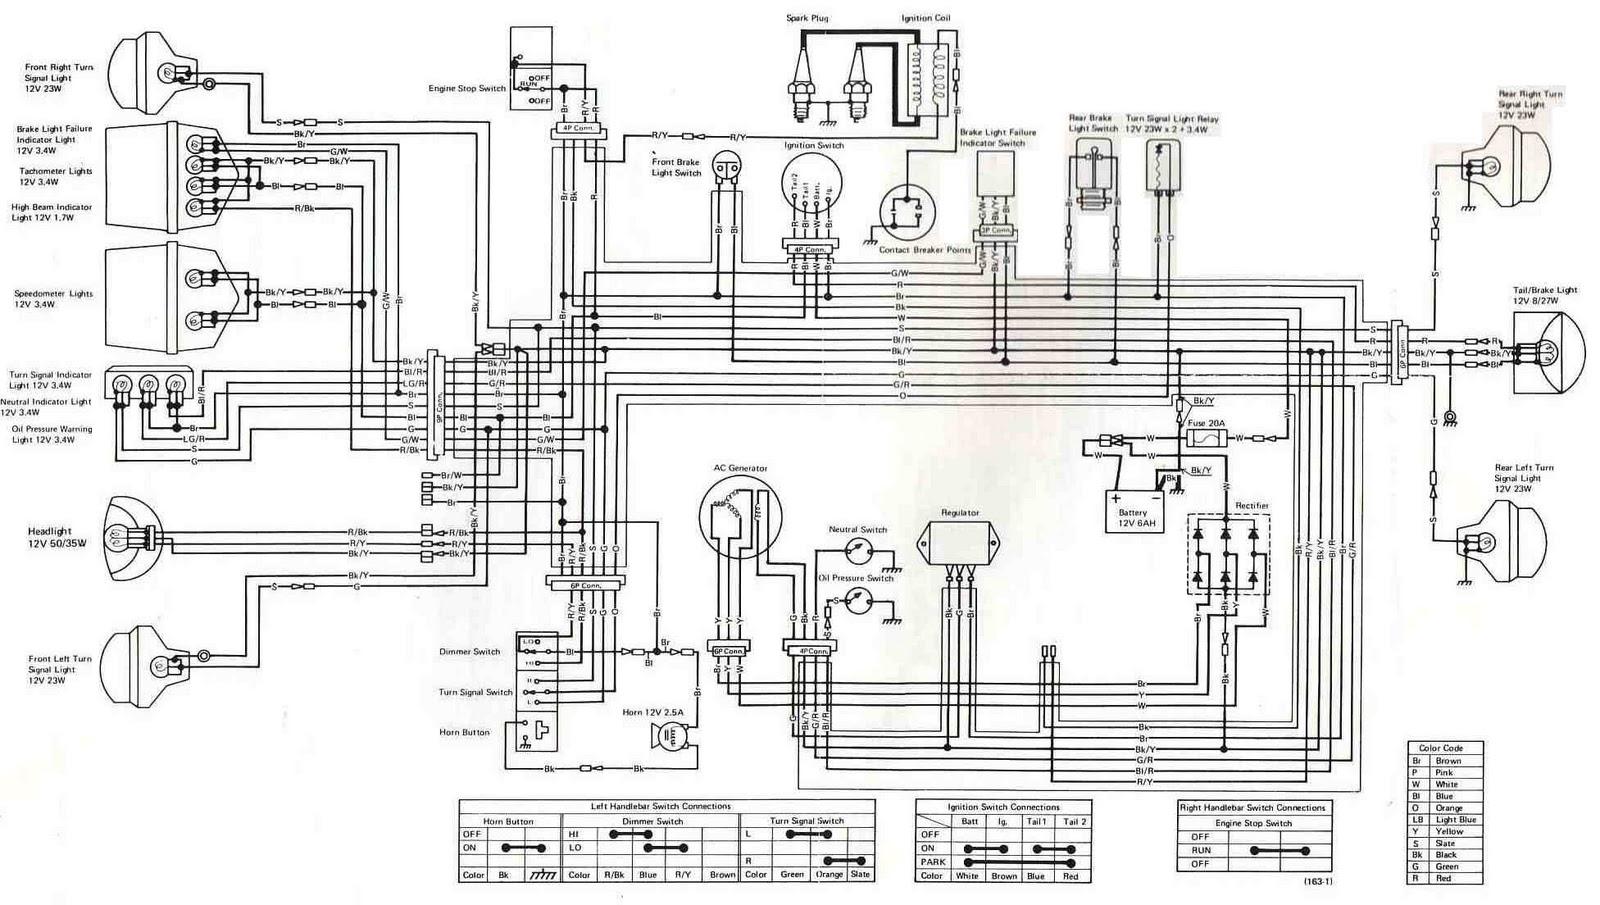 [SCHEMATICS_4ER]  SF_4523] 1983 Kawasaki Klt 200 Wiring Diagram | 1983 Kawasaki Klt 200 Wiring Diagram |  | Iness Vira Mohammedshrine Librar Wiring 101